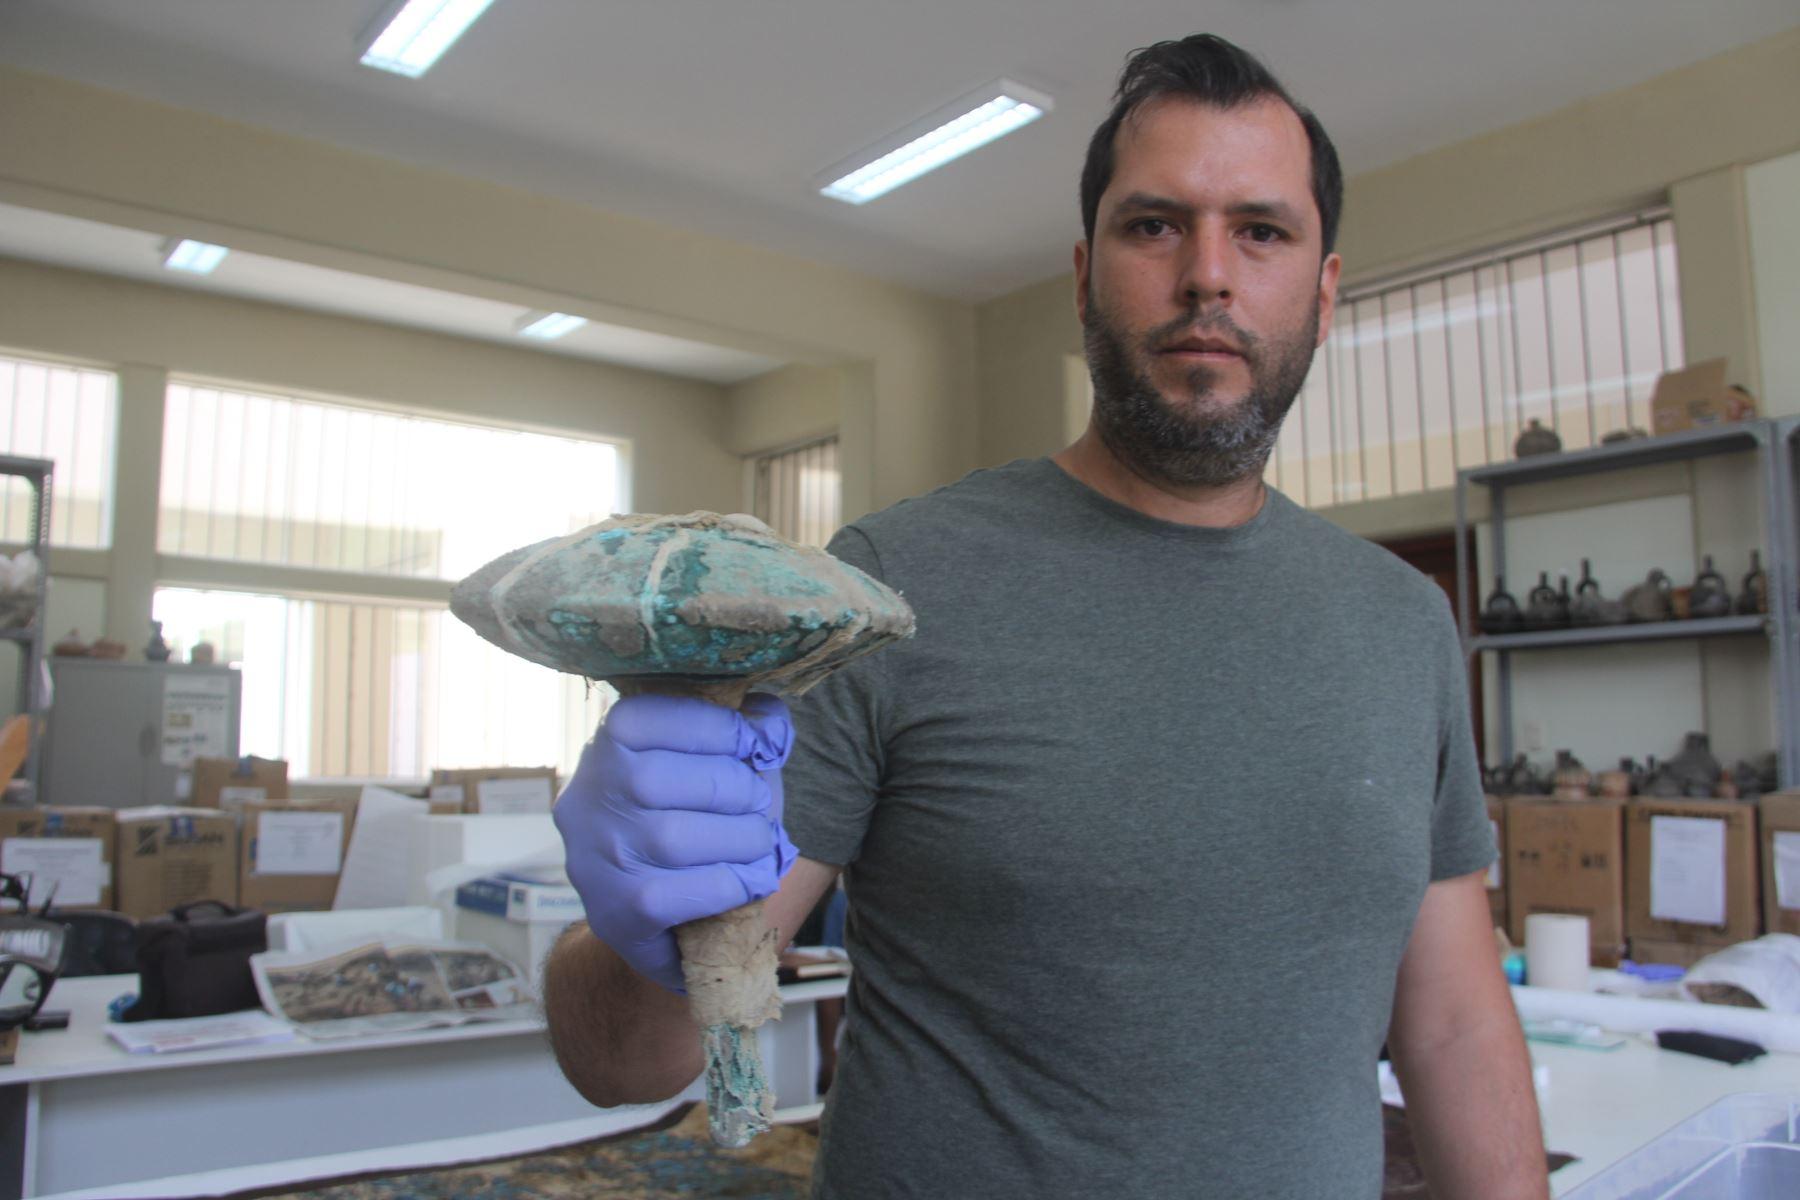 Arqueólogo Gabriel Prieto muestra el mazo con el que habrían sido sacrificados los niños en un ritual de la cultura Chimú. ANDINA/Luis Puell